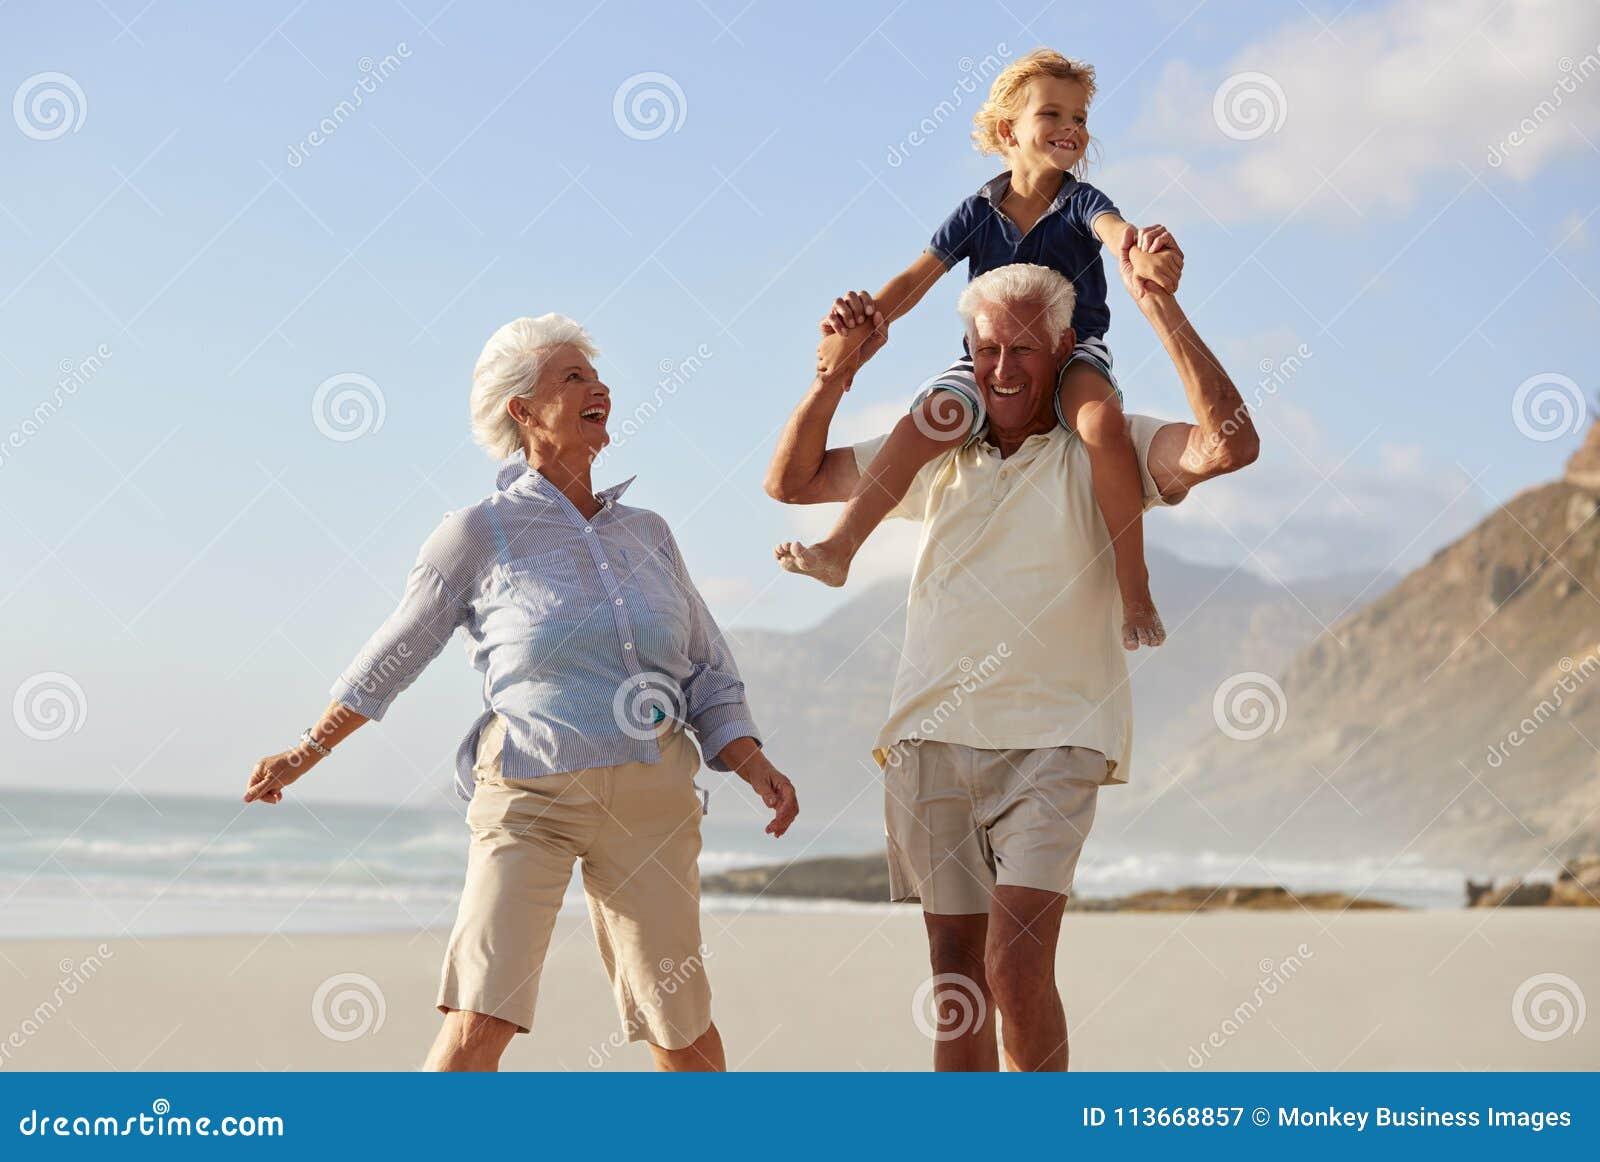 Grands-parents portant le petit-fils sur des épaules sur la promenade le long de la plage